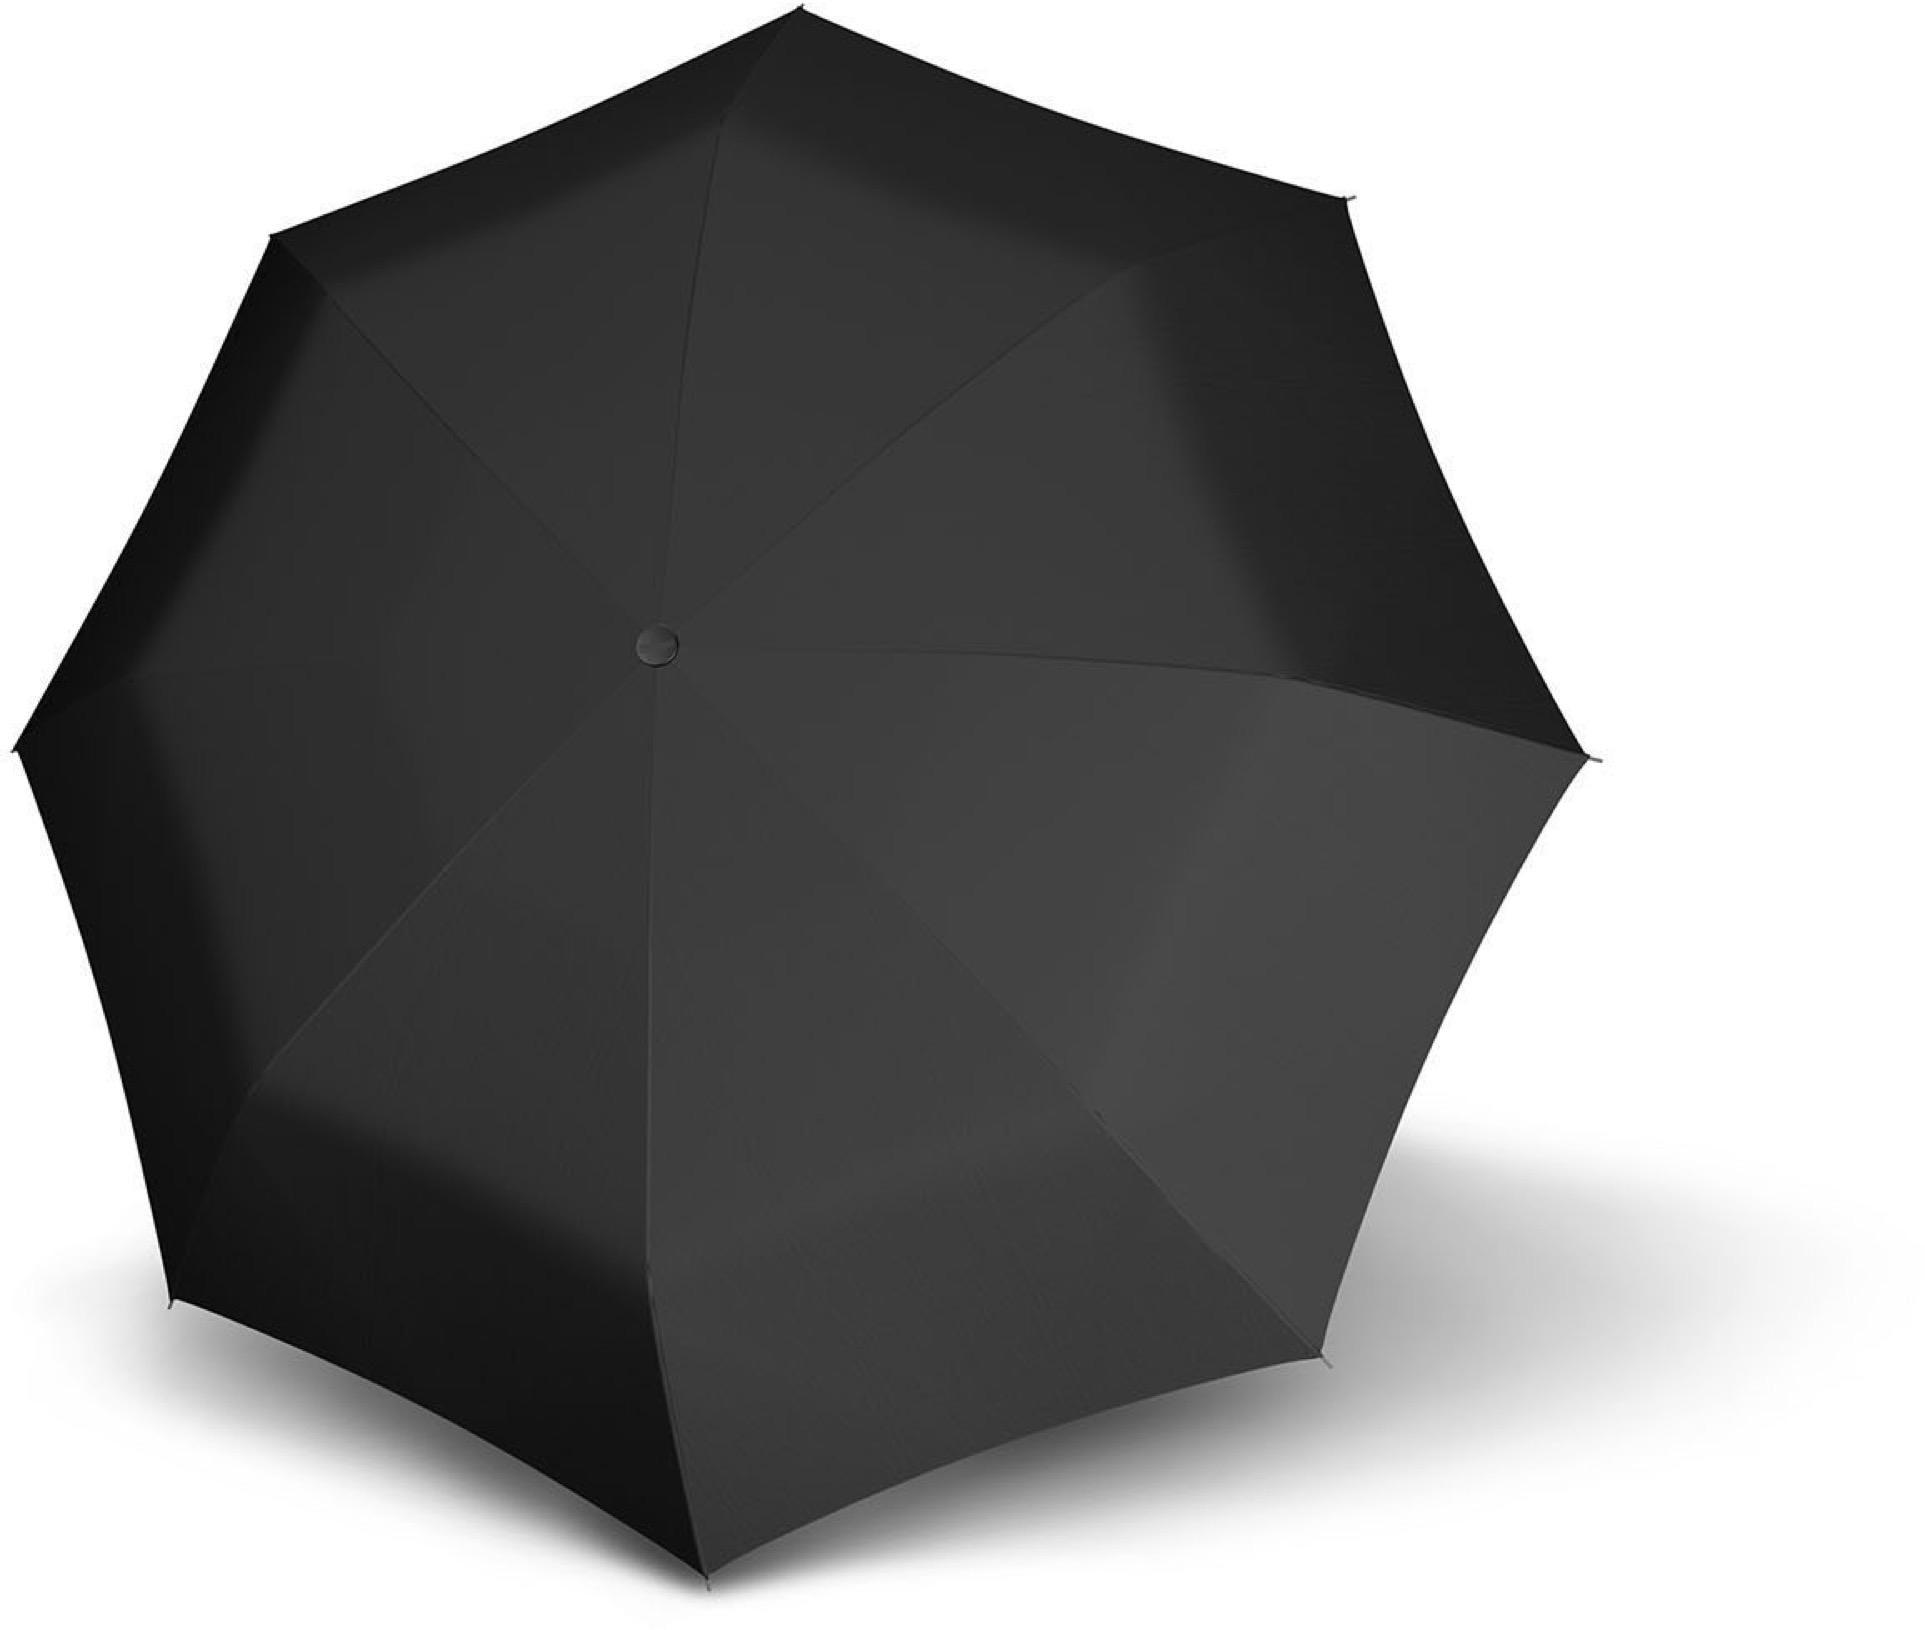 doppler®, Taschenregenschirm Carbonsteel Magic Uni, Black | Accessoires > Regenschirme > Sonstige Regenschirme | Schwarz | DOPPLER